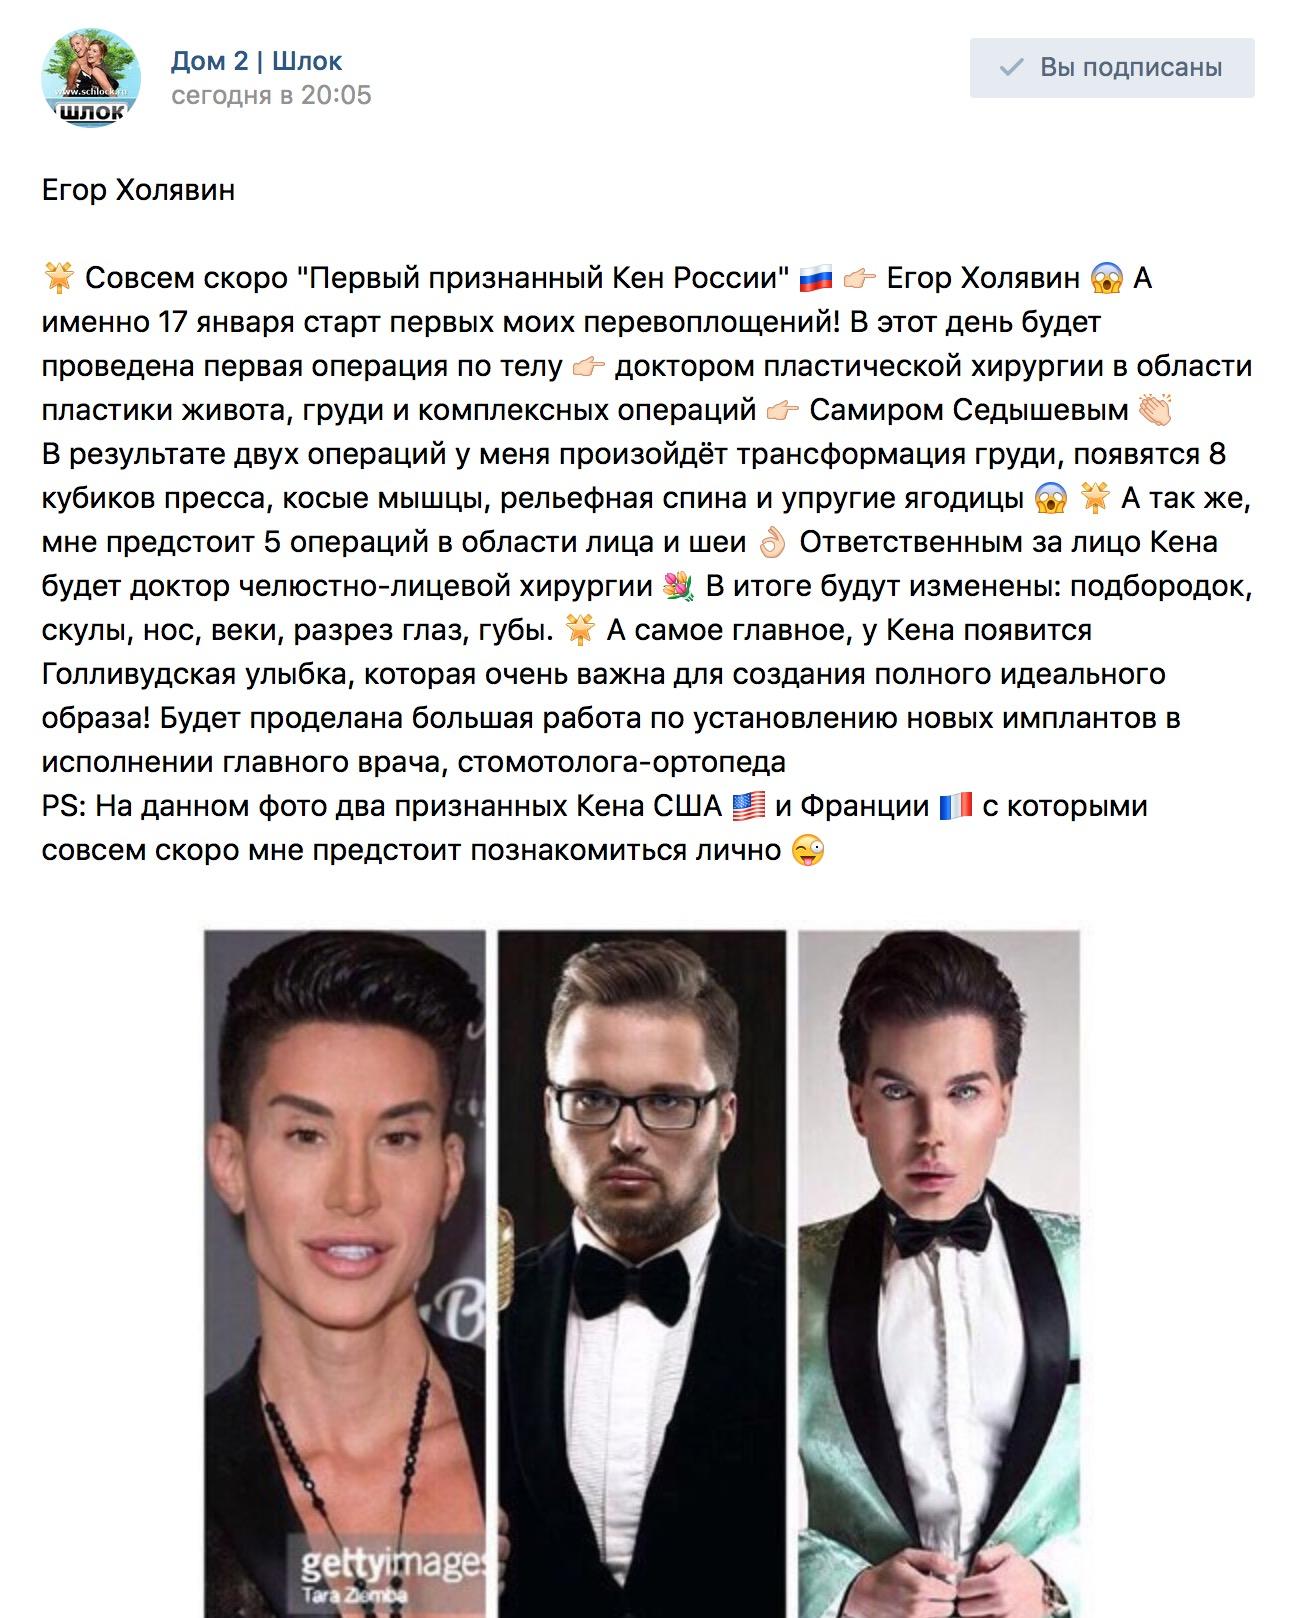 Первый признанный Кен России ??